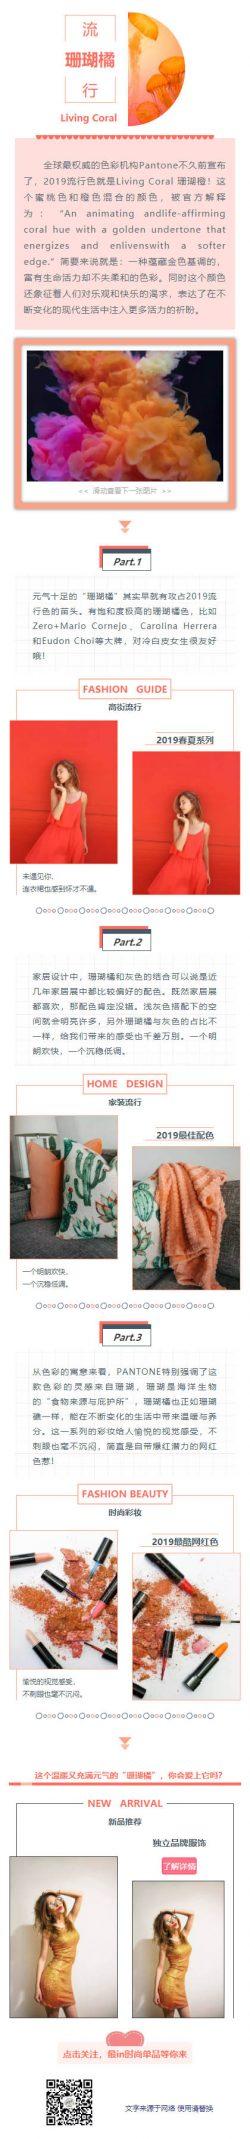 流行2019流行色珊瑚橙蜜桃色橙色潮流时尚微信模板